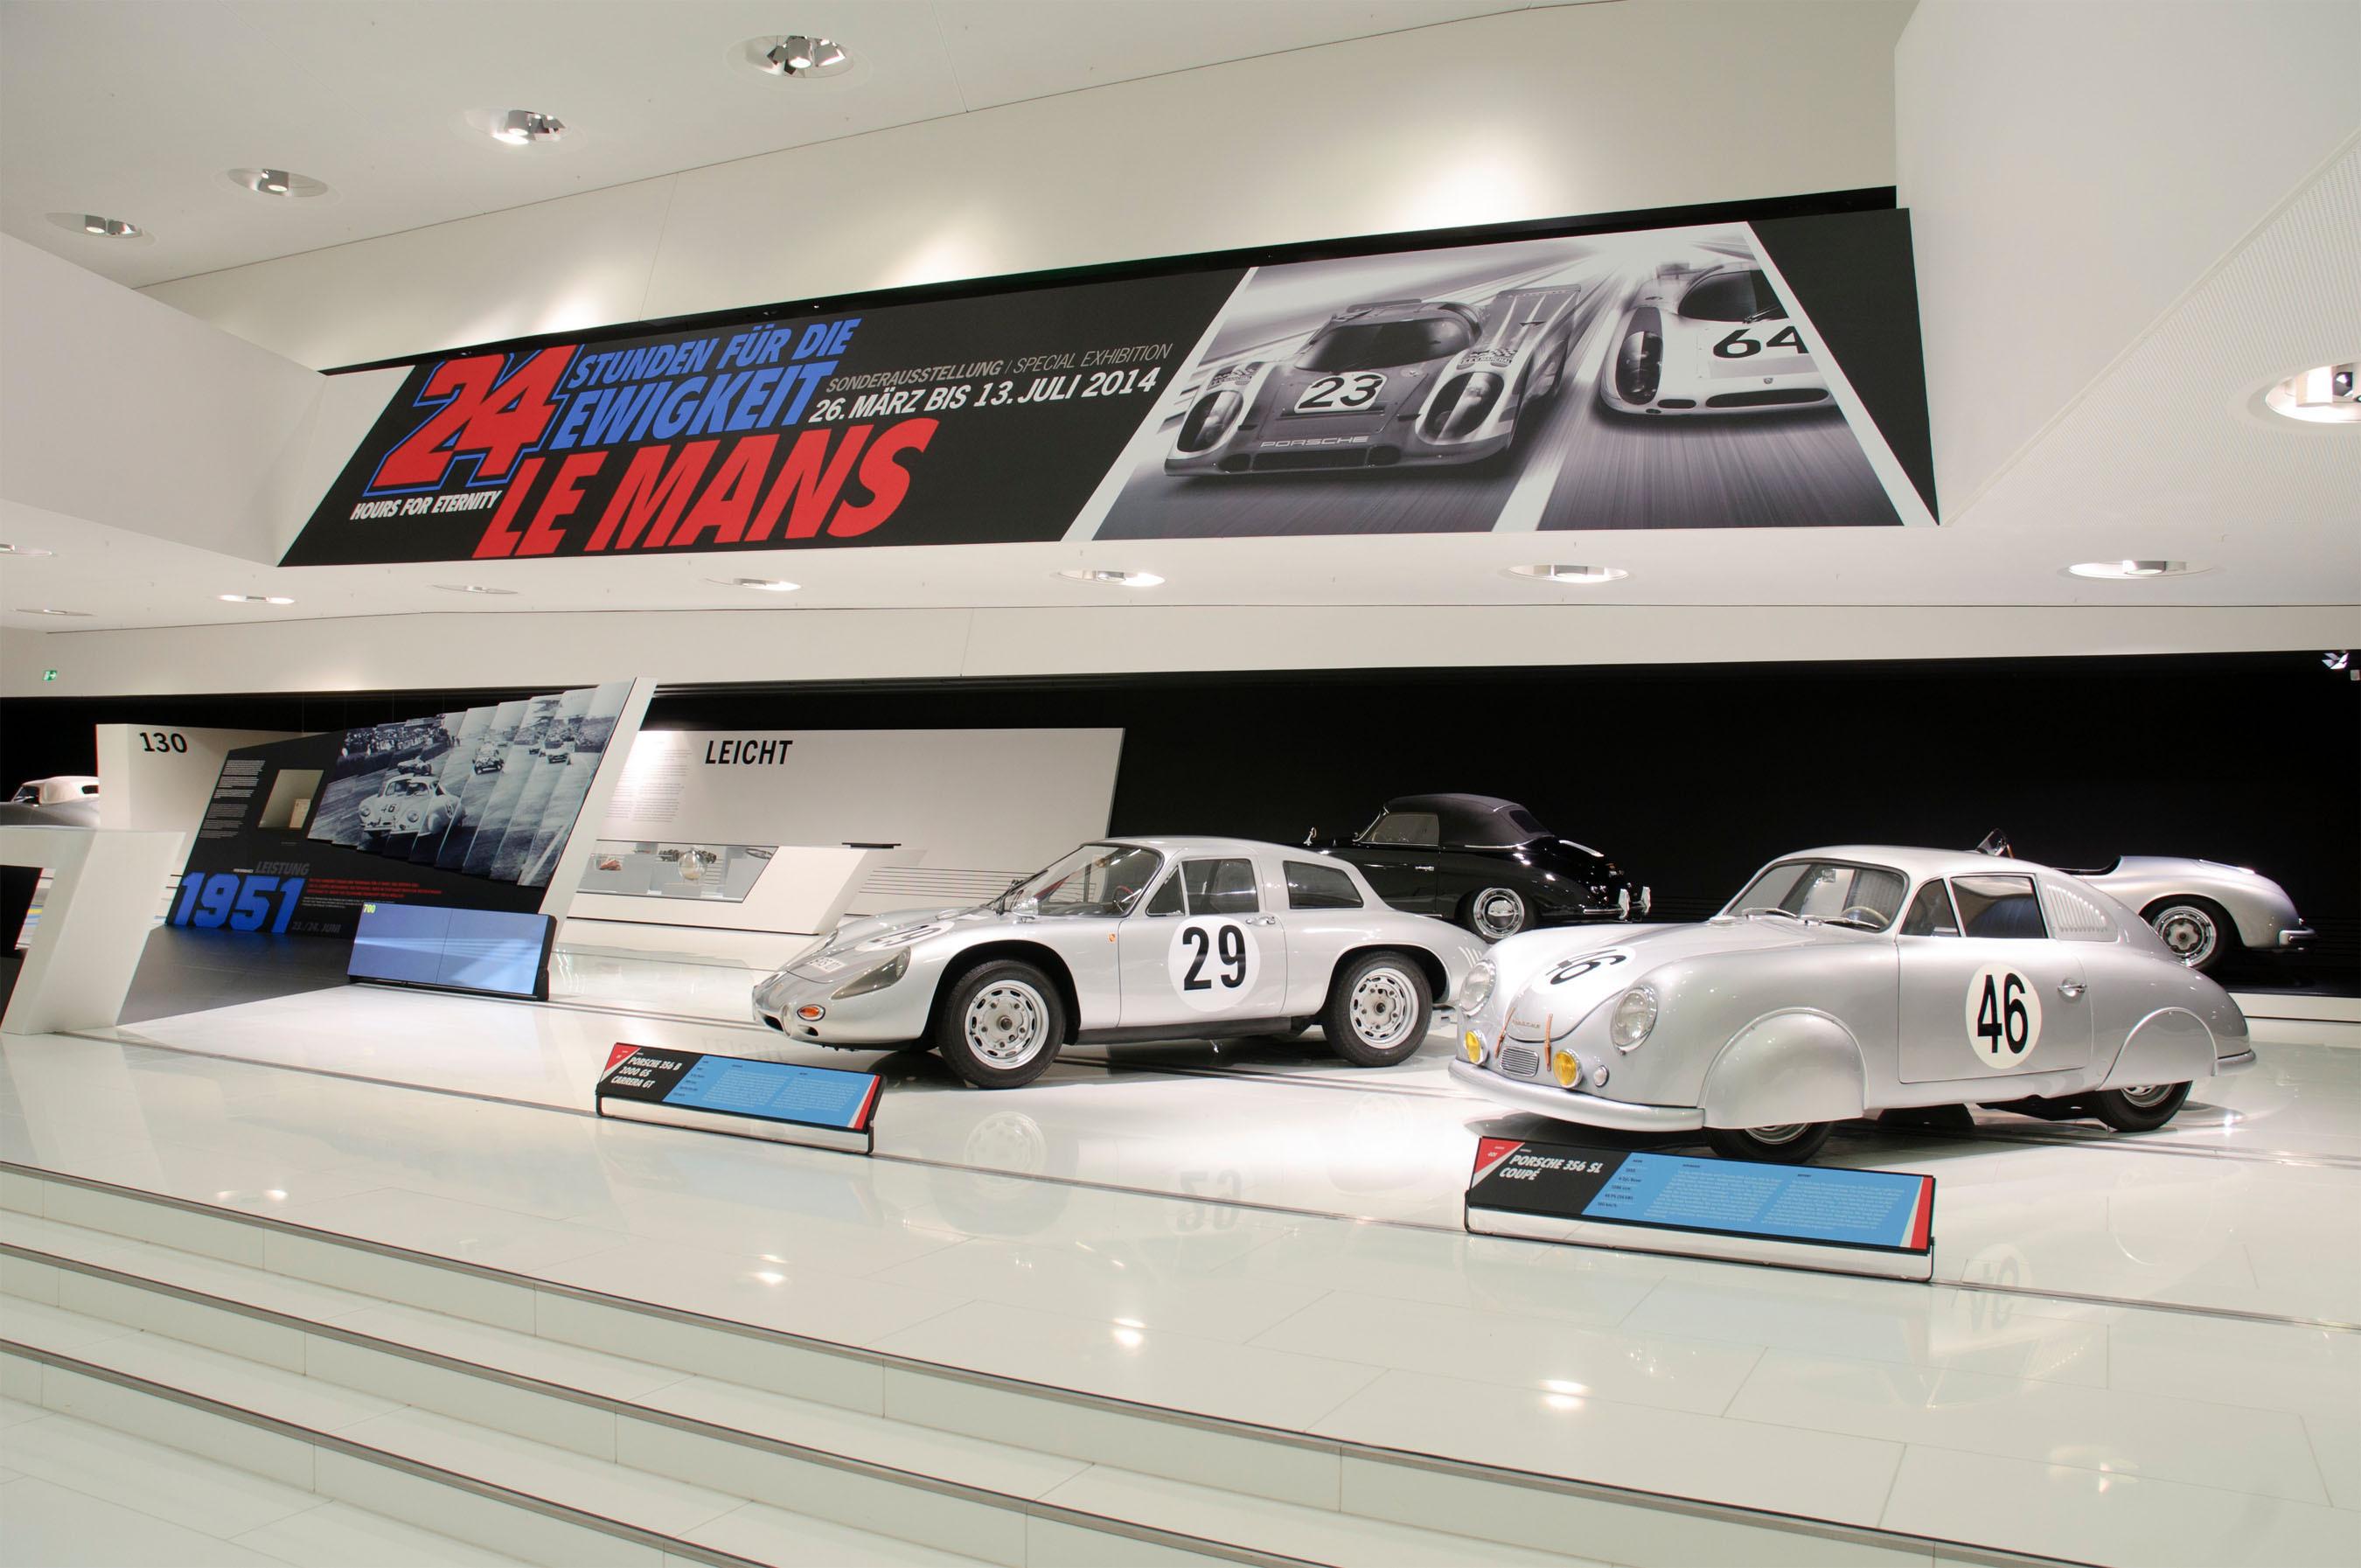 The Porsche Museum Presents 24 HOURS FOR ETERNITY LE MANS, 3/26-7/13